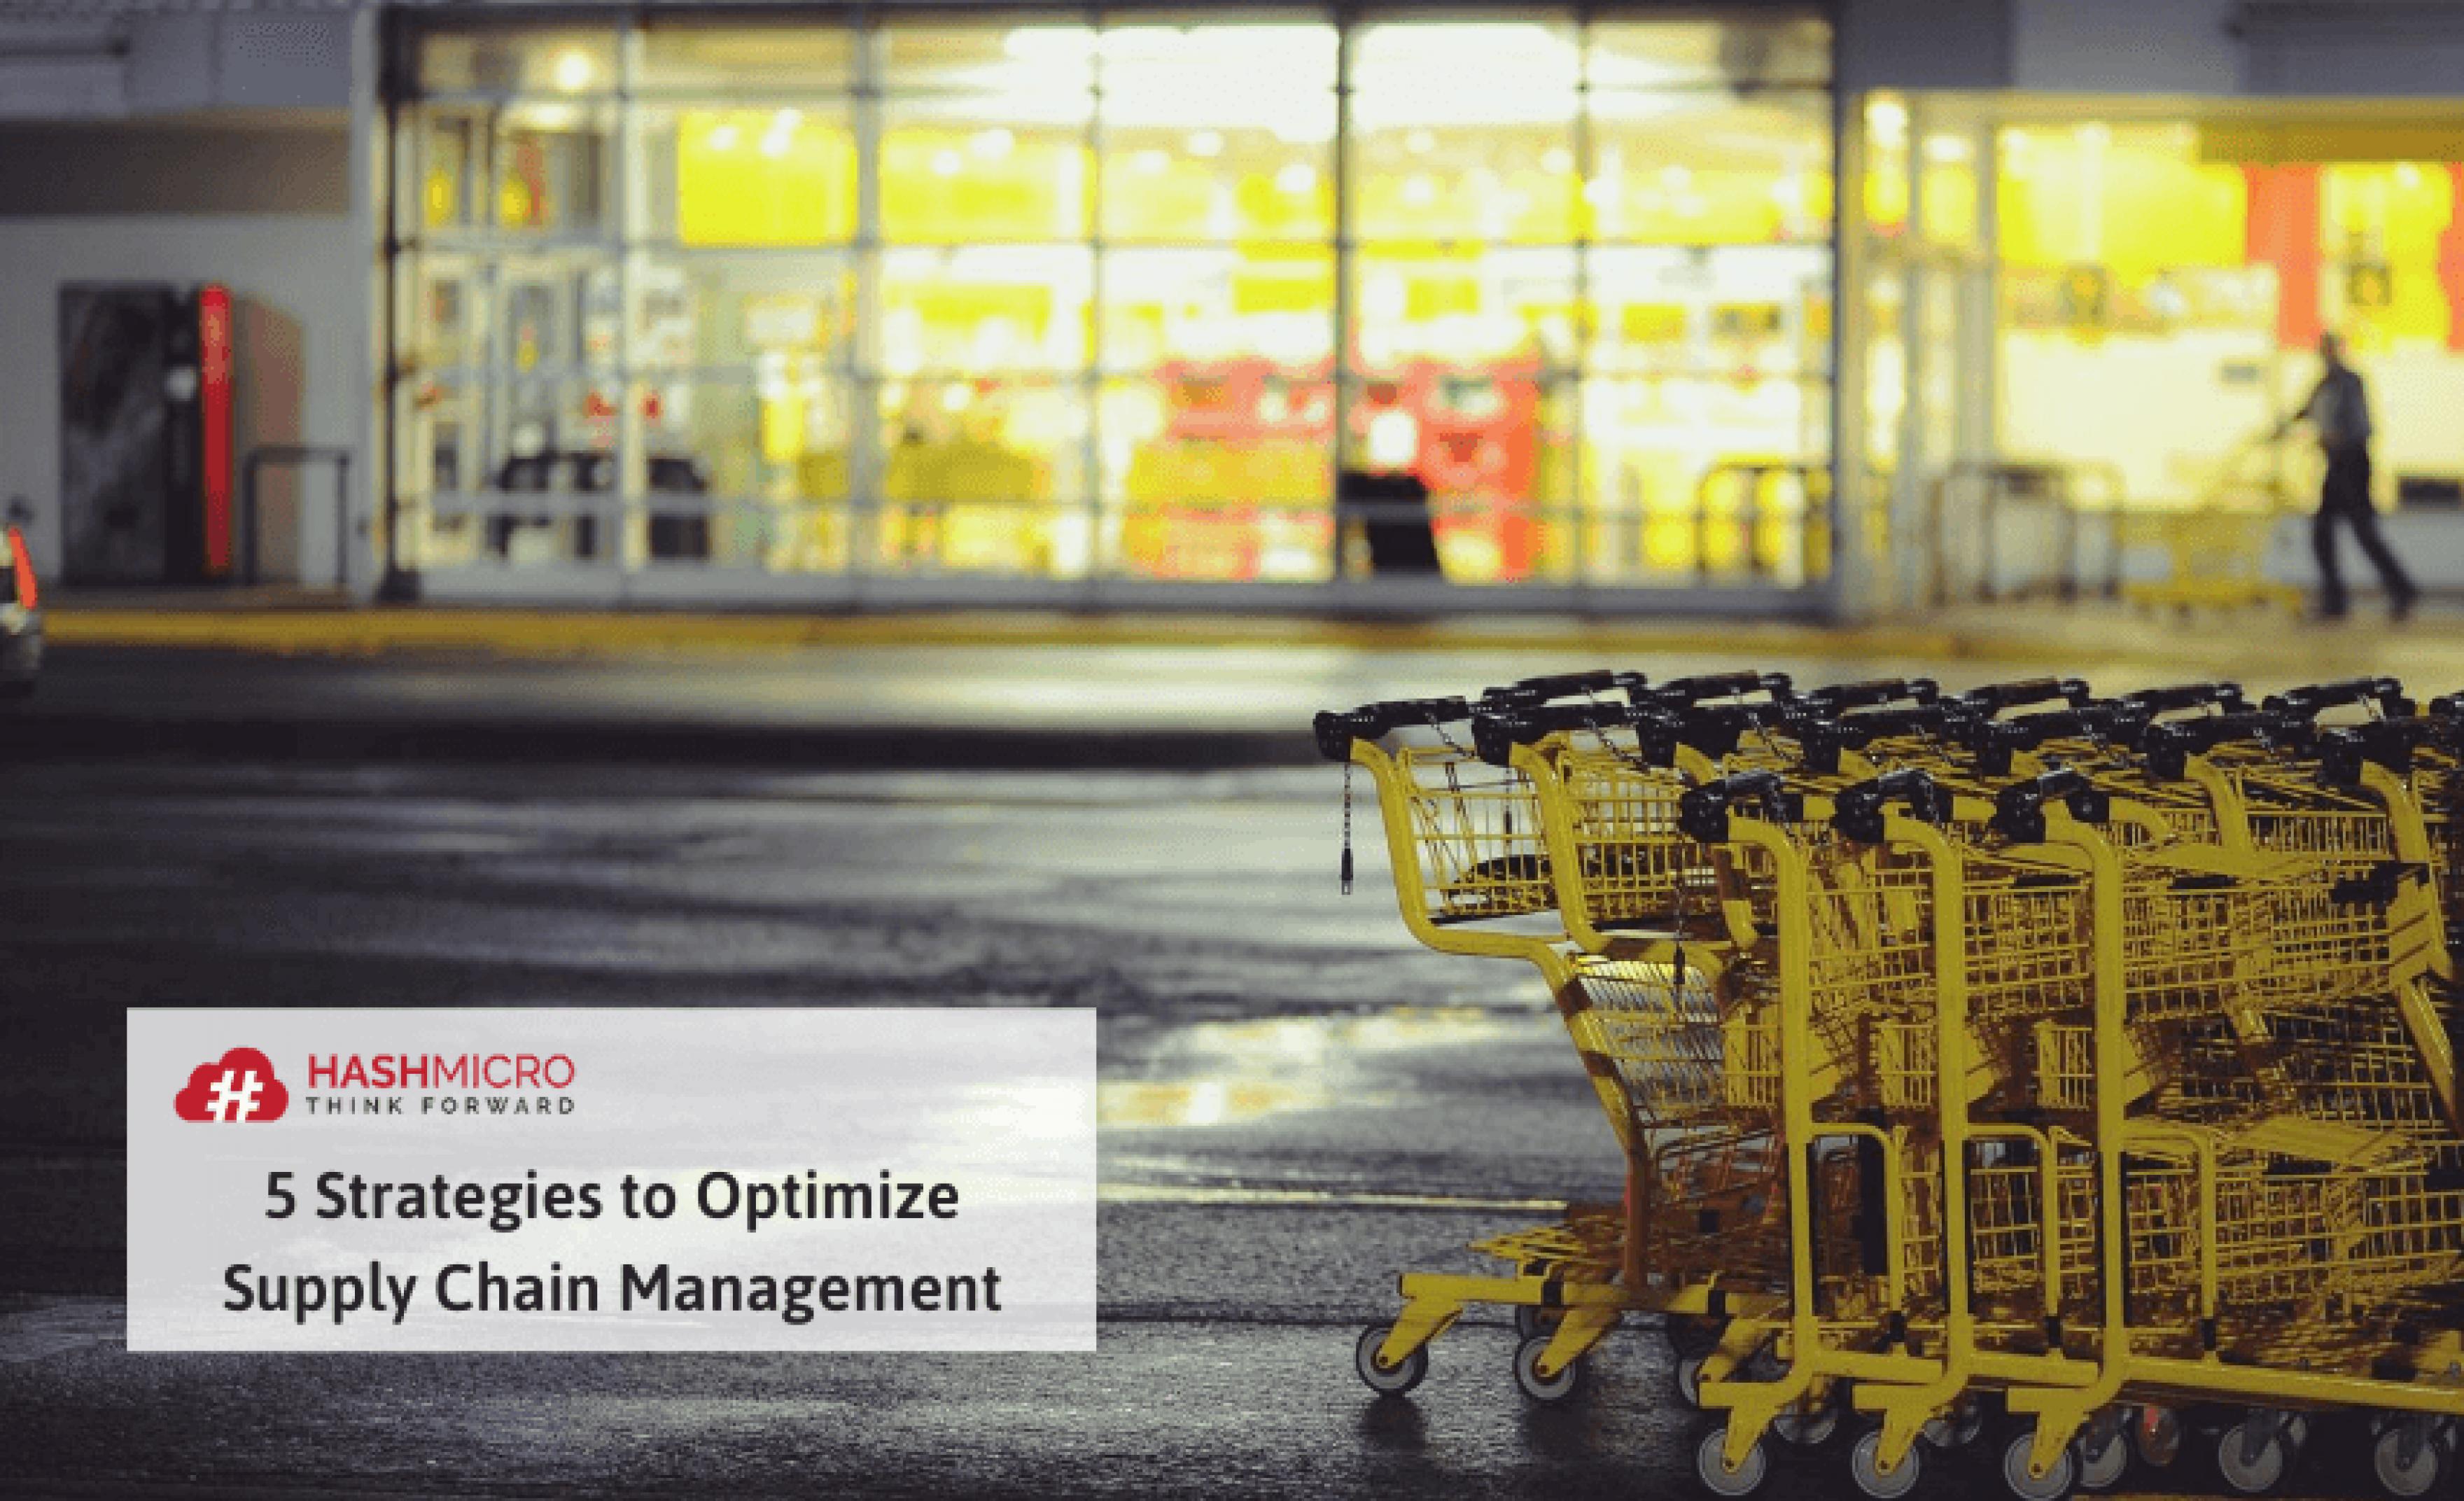 5 Strategi Mengoptimalkan Manajemen Rantai Pasokan Supply Chain